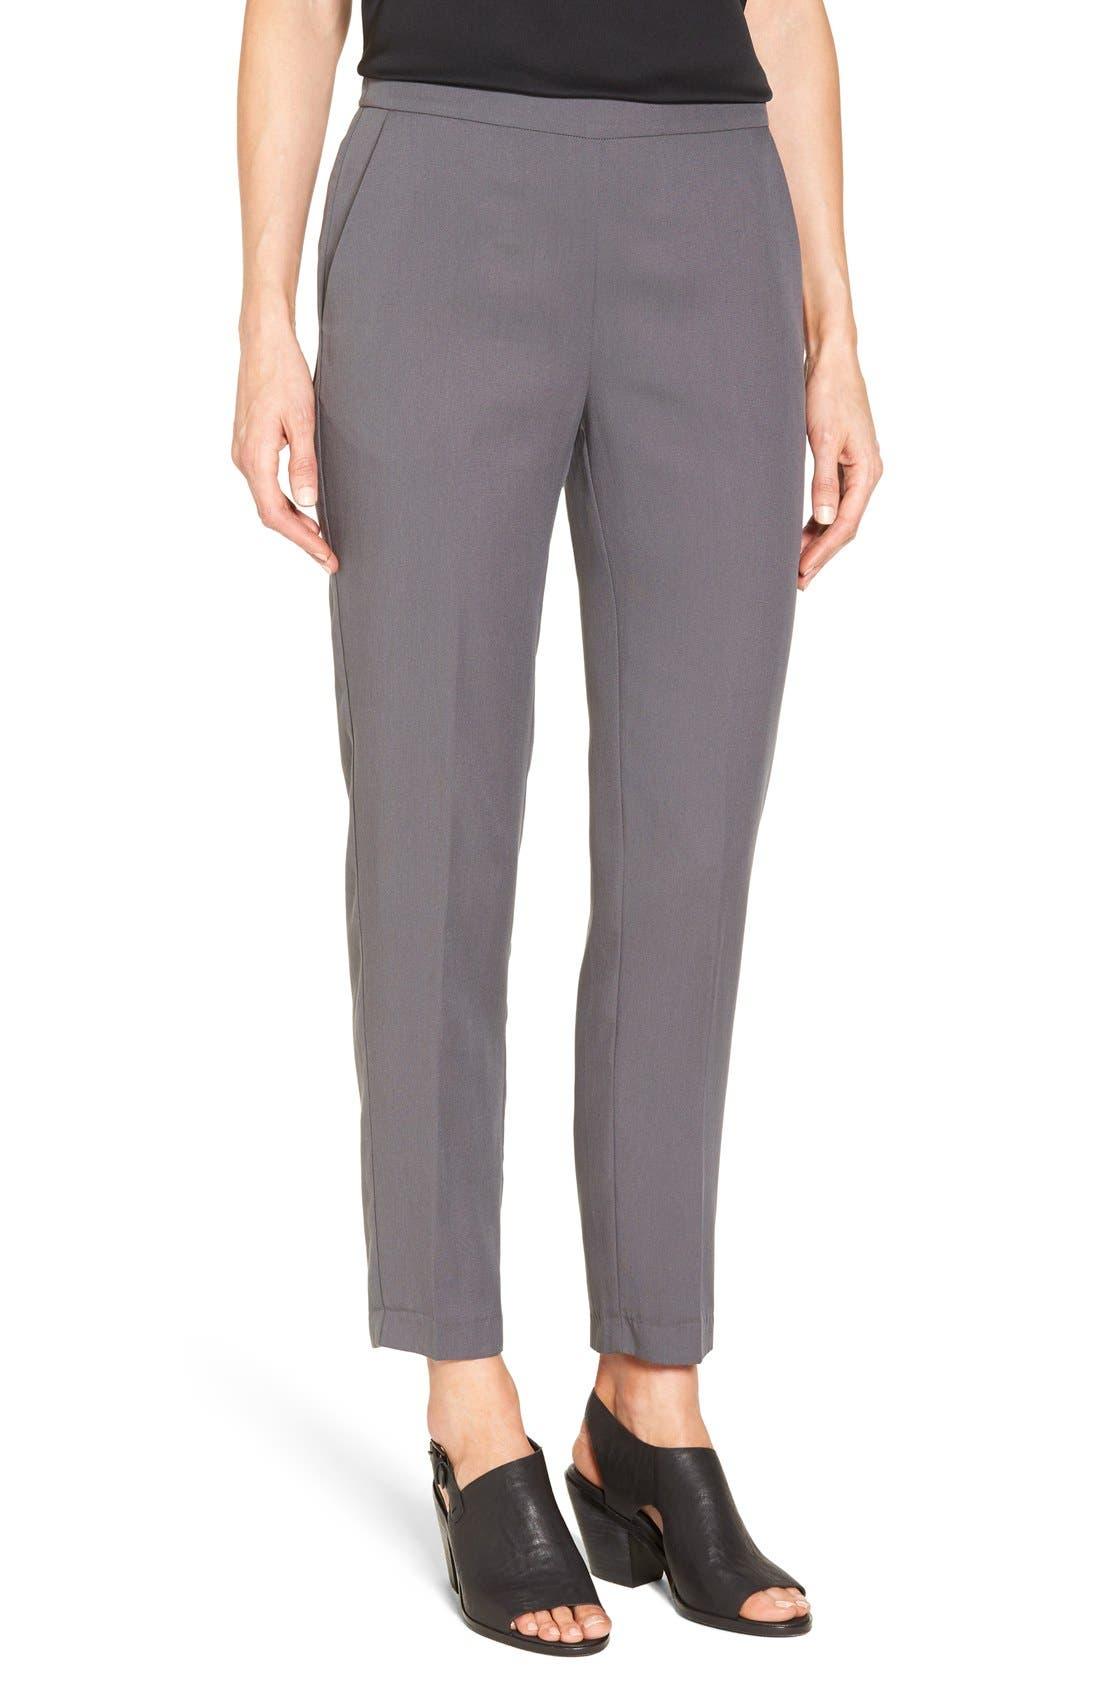 Alternate Image 1 Selected - Eileen Fisher Woven Slim Leg Ankle Pants (Regular & Petite)